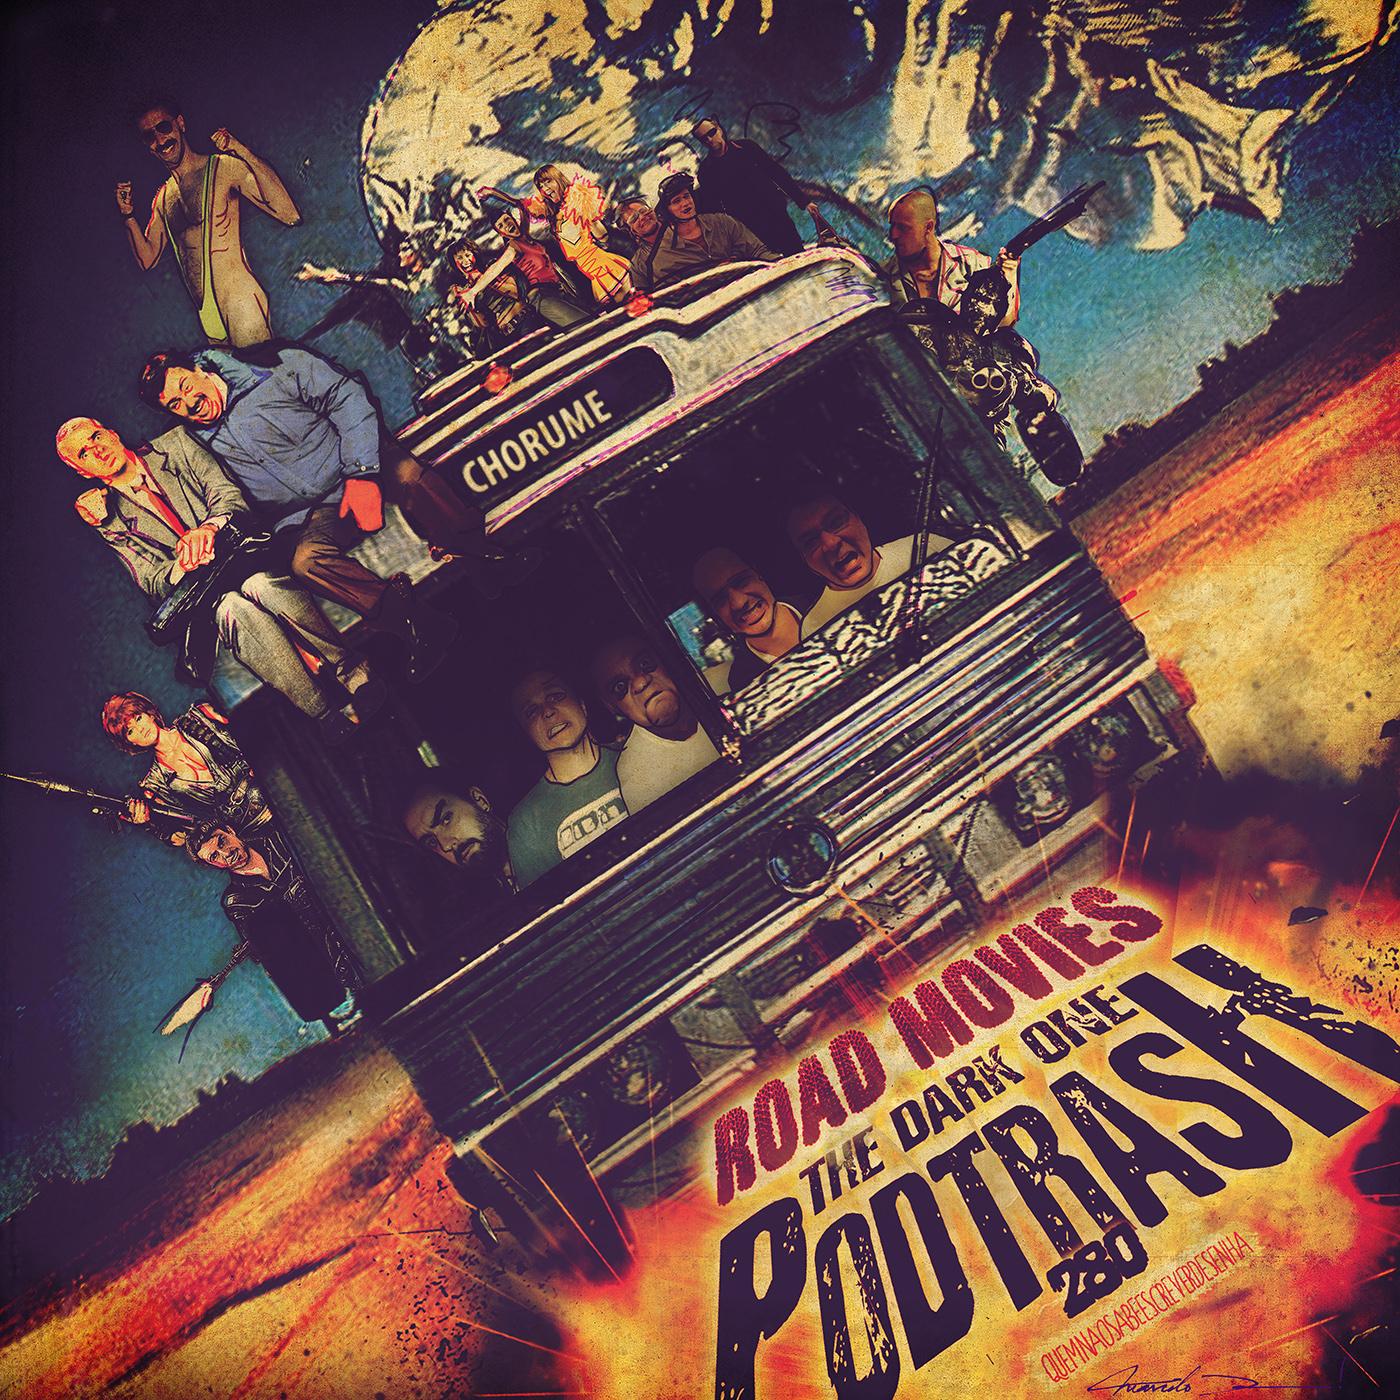 Quentin Tarantino – Podtrash